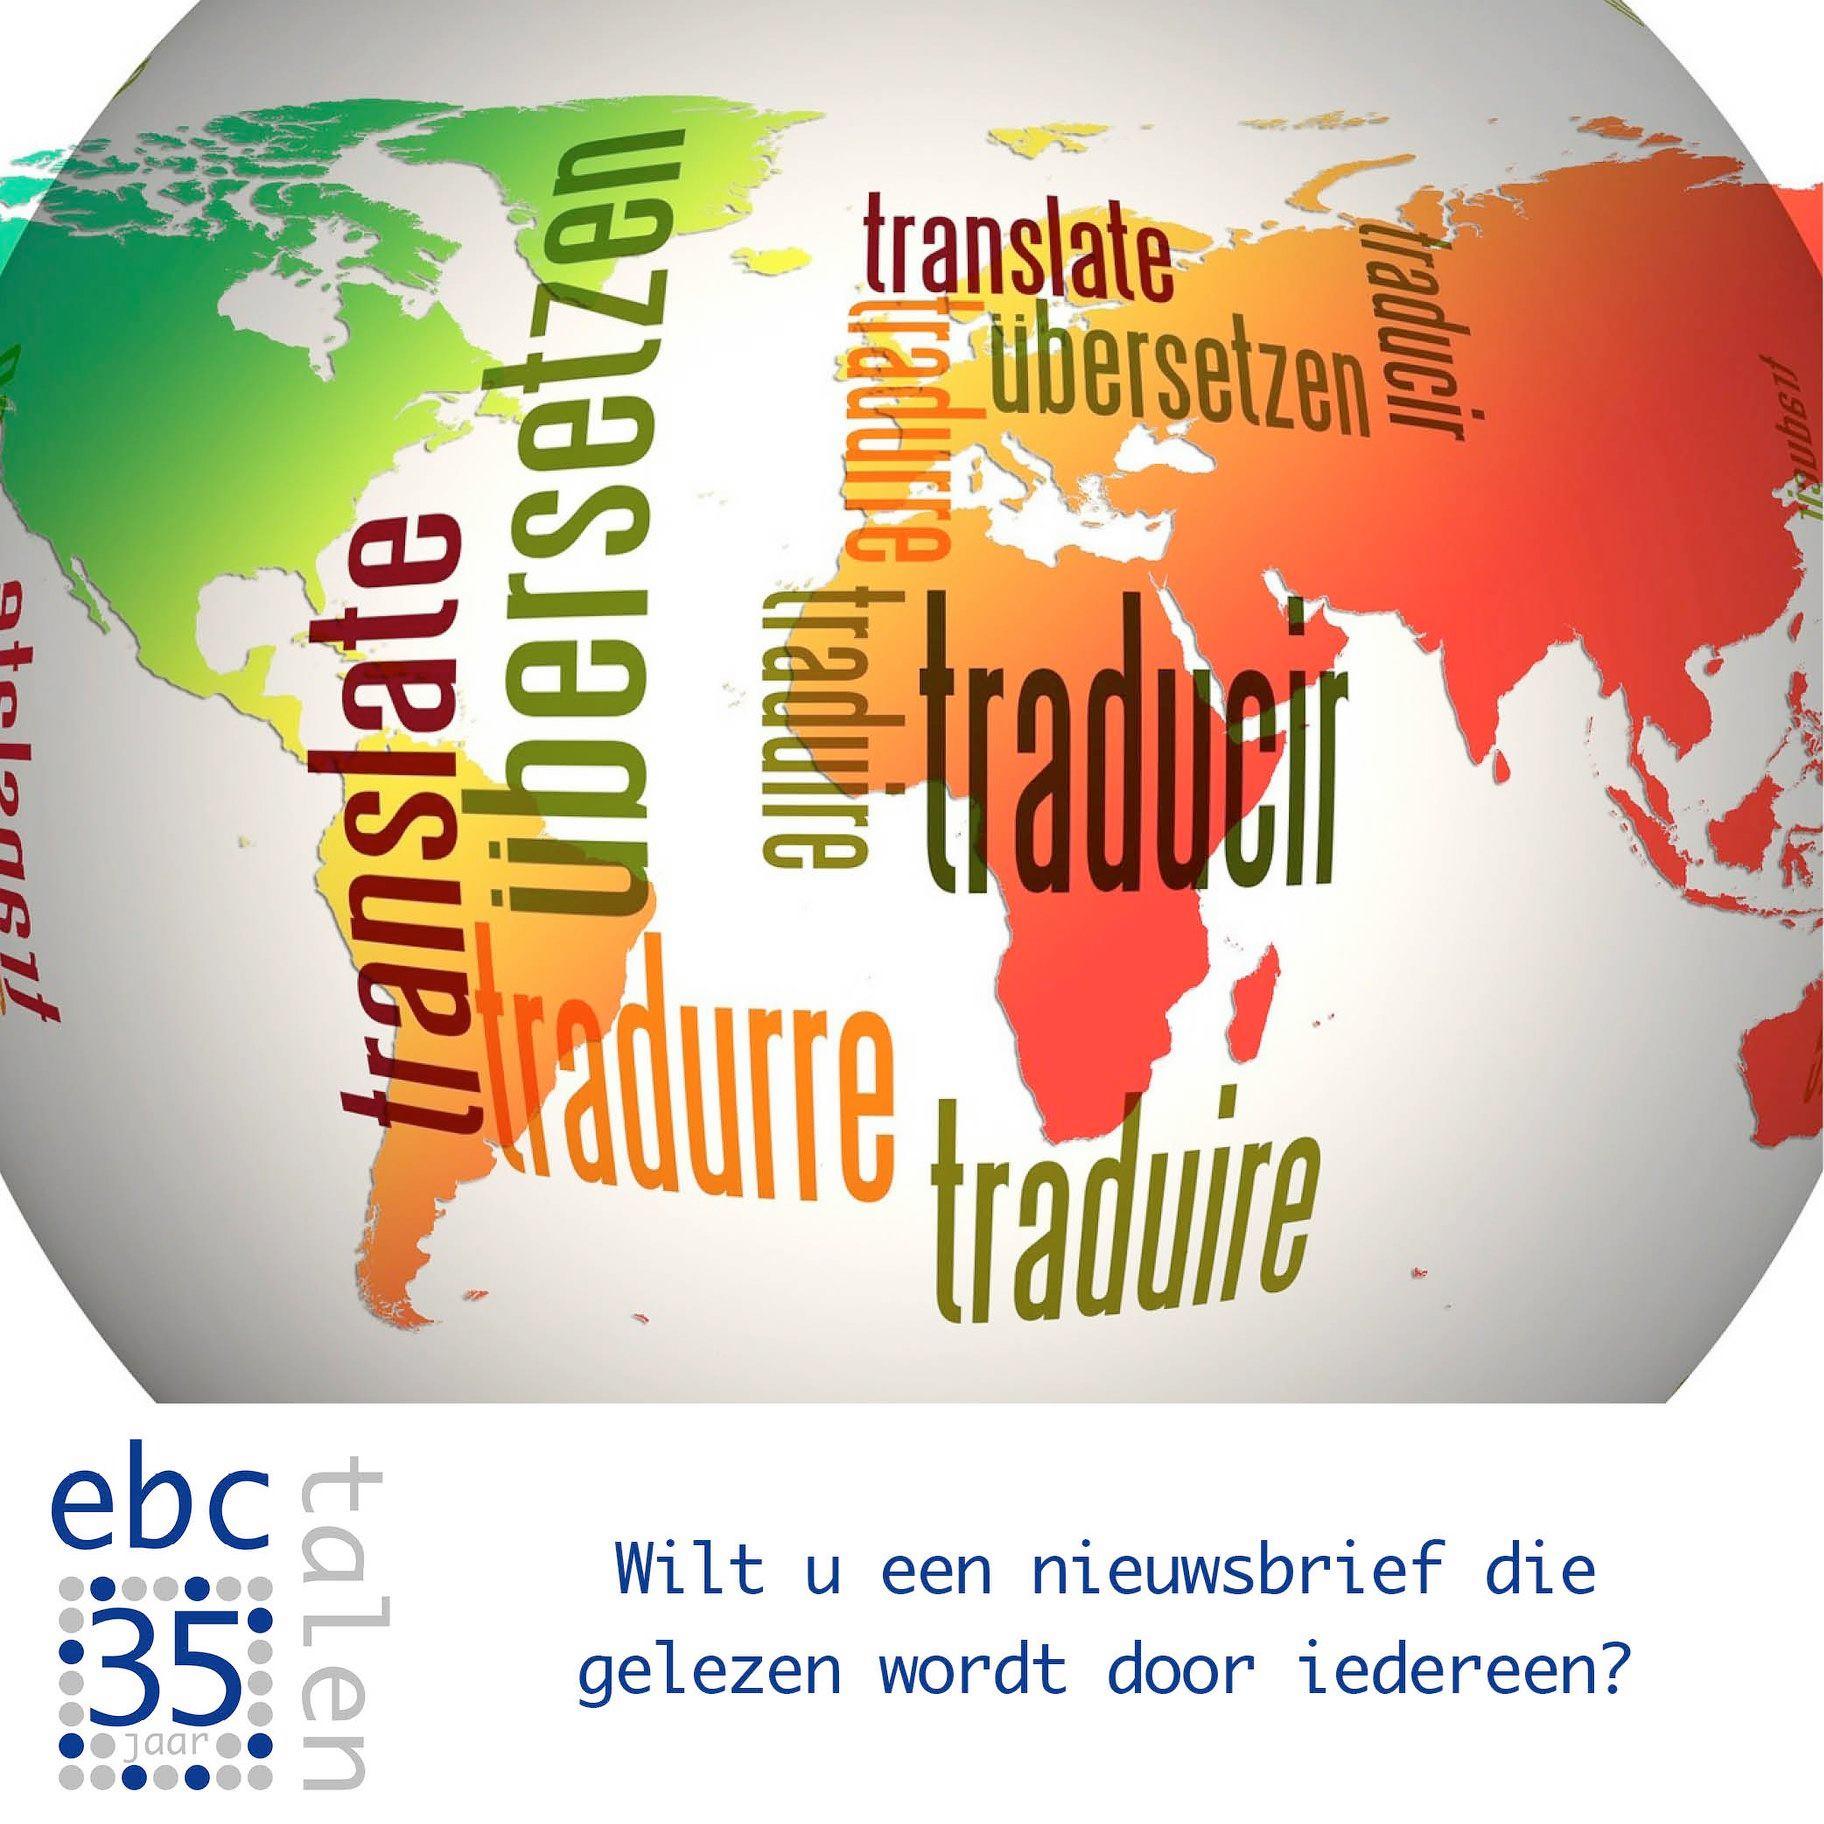 Wordt uw nieuwsbrief ook gelezen door anderstalige medewerkers en klanten?